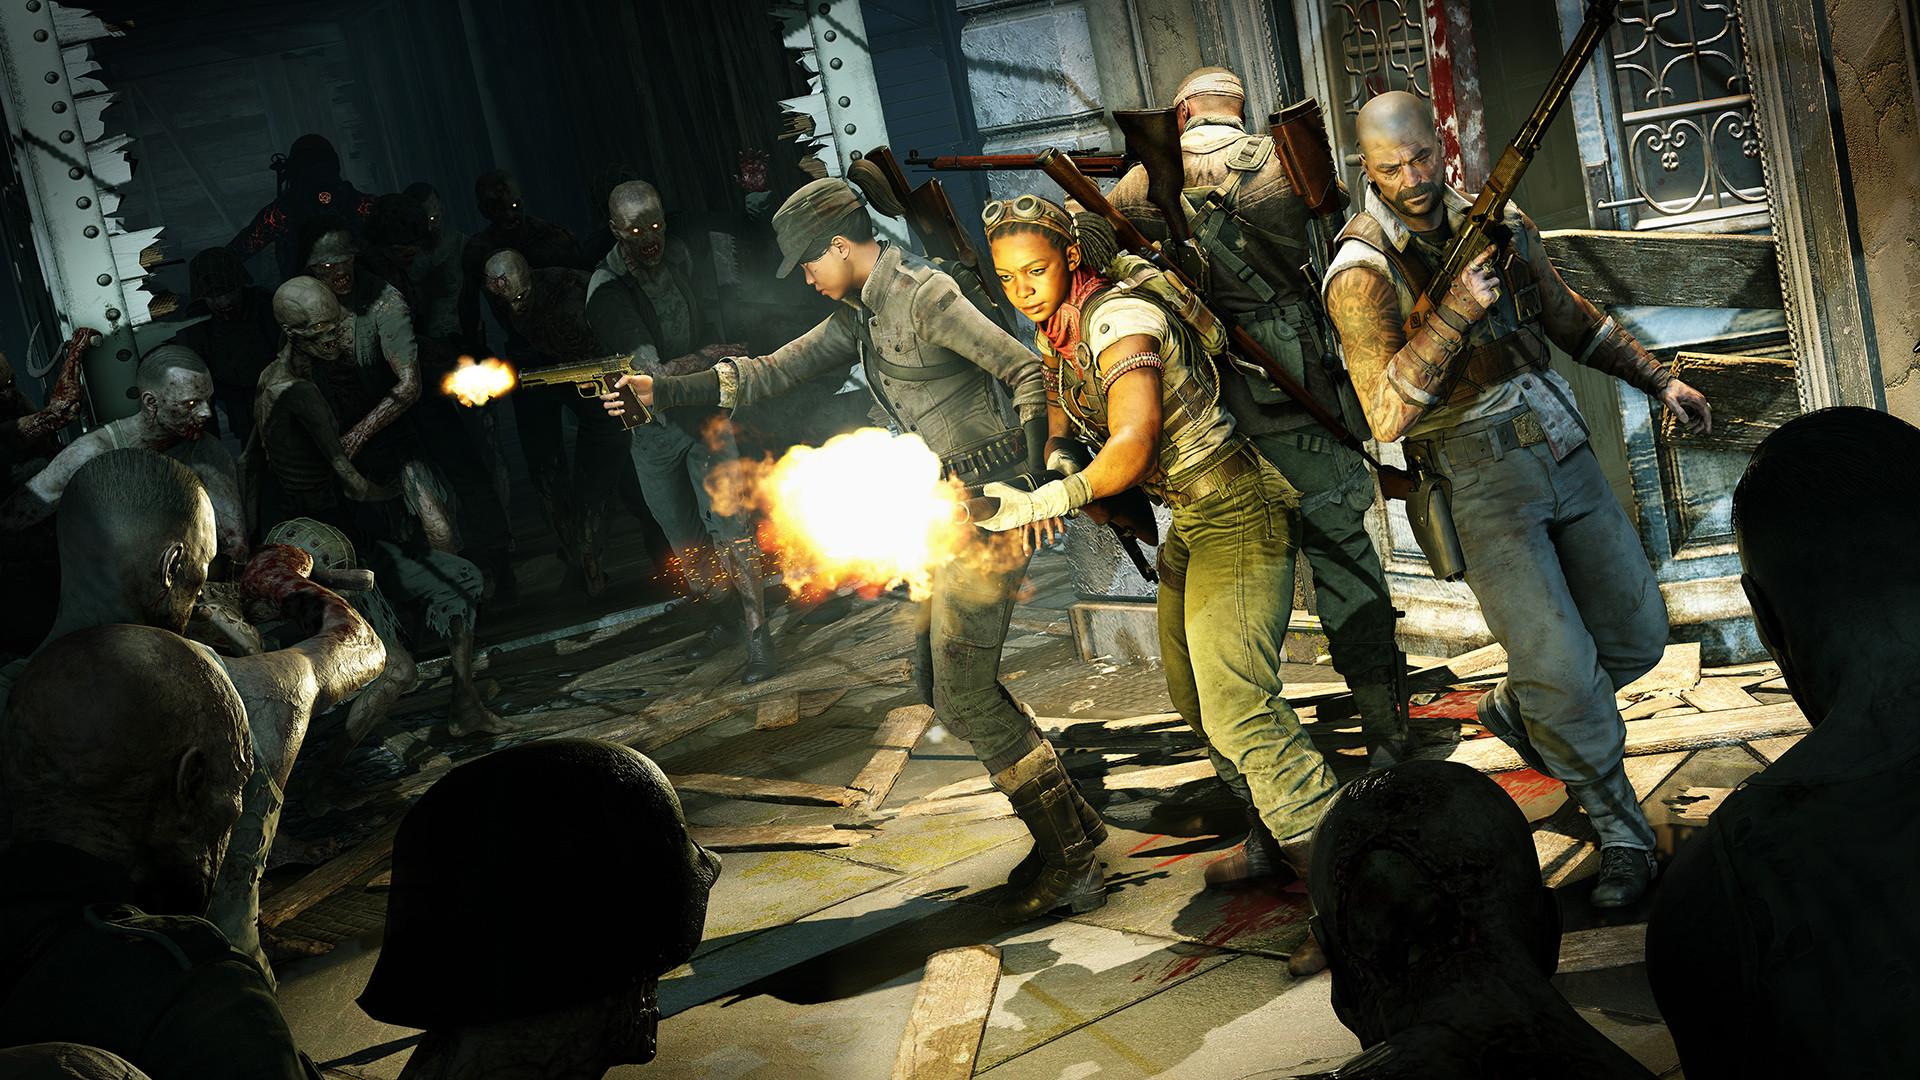 《僵尸部队4:死亡战争》登陆Steam 结束Epic独占